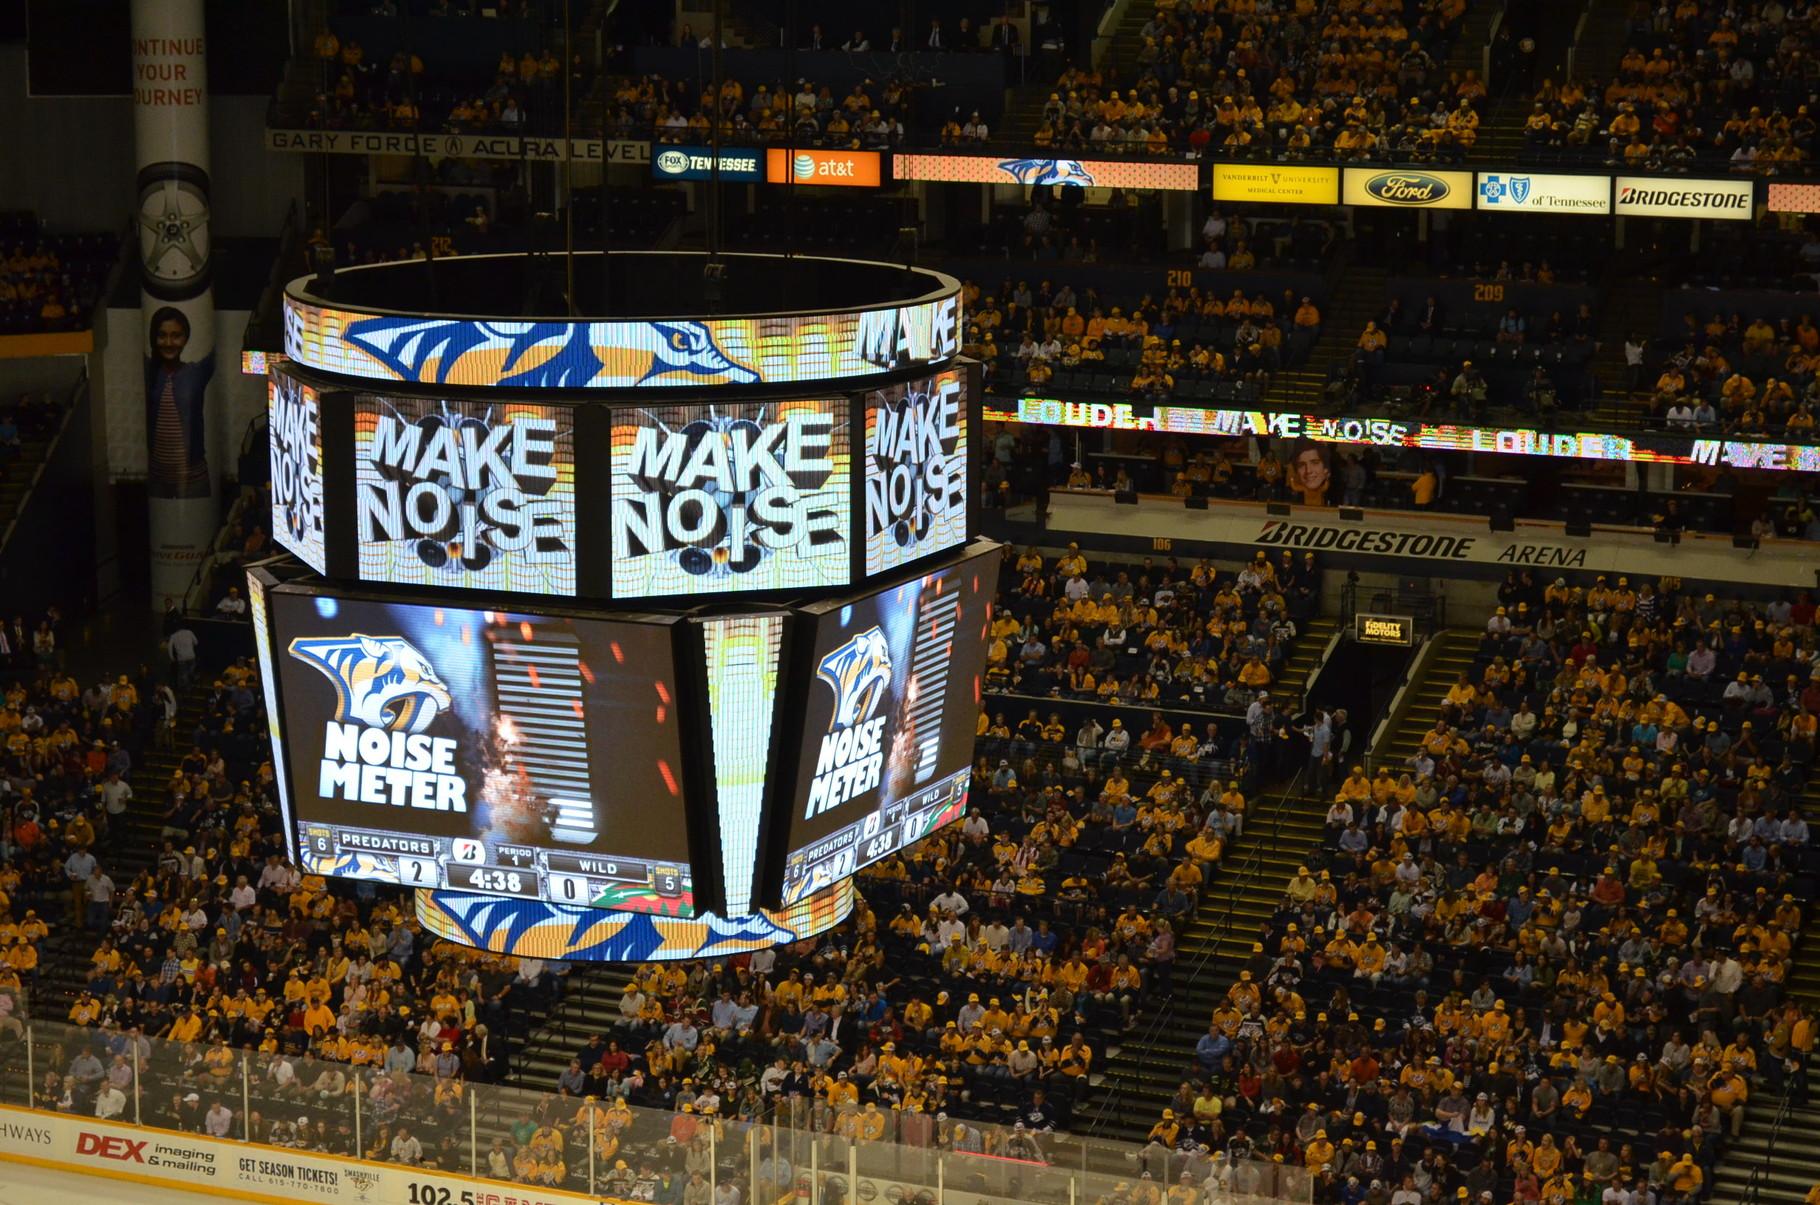 Make Noise!